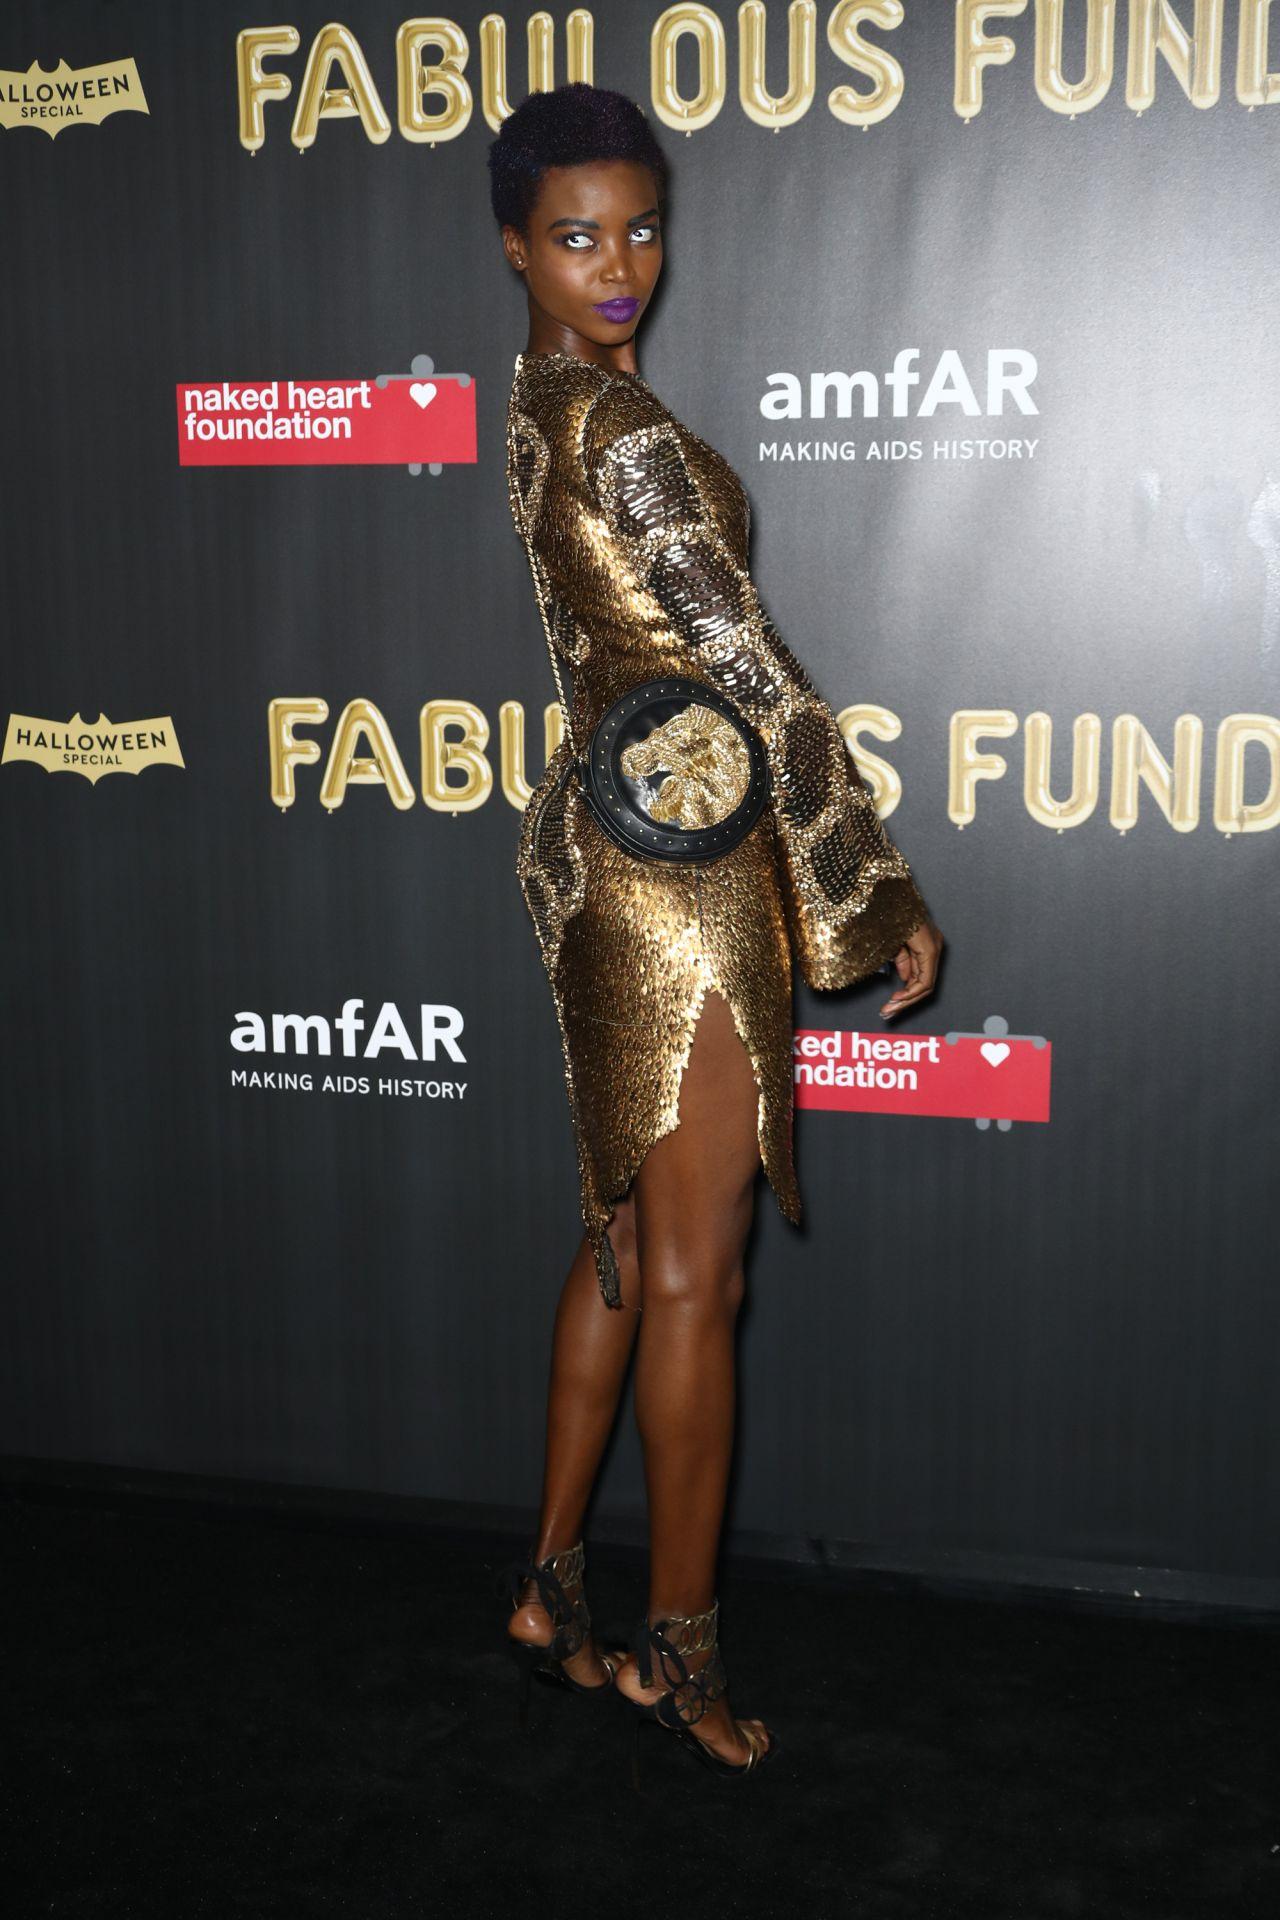 Maria Borges – 2017 amfAR Fabulous Fund Fair in NYC